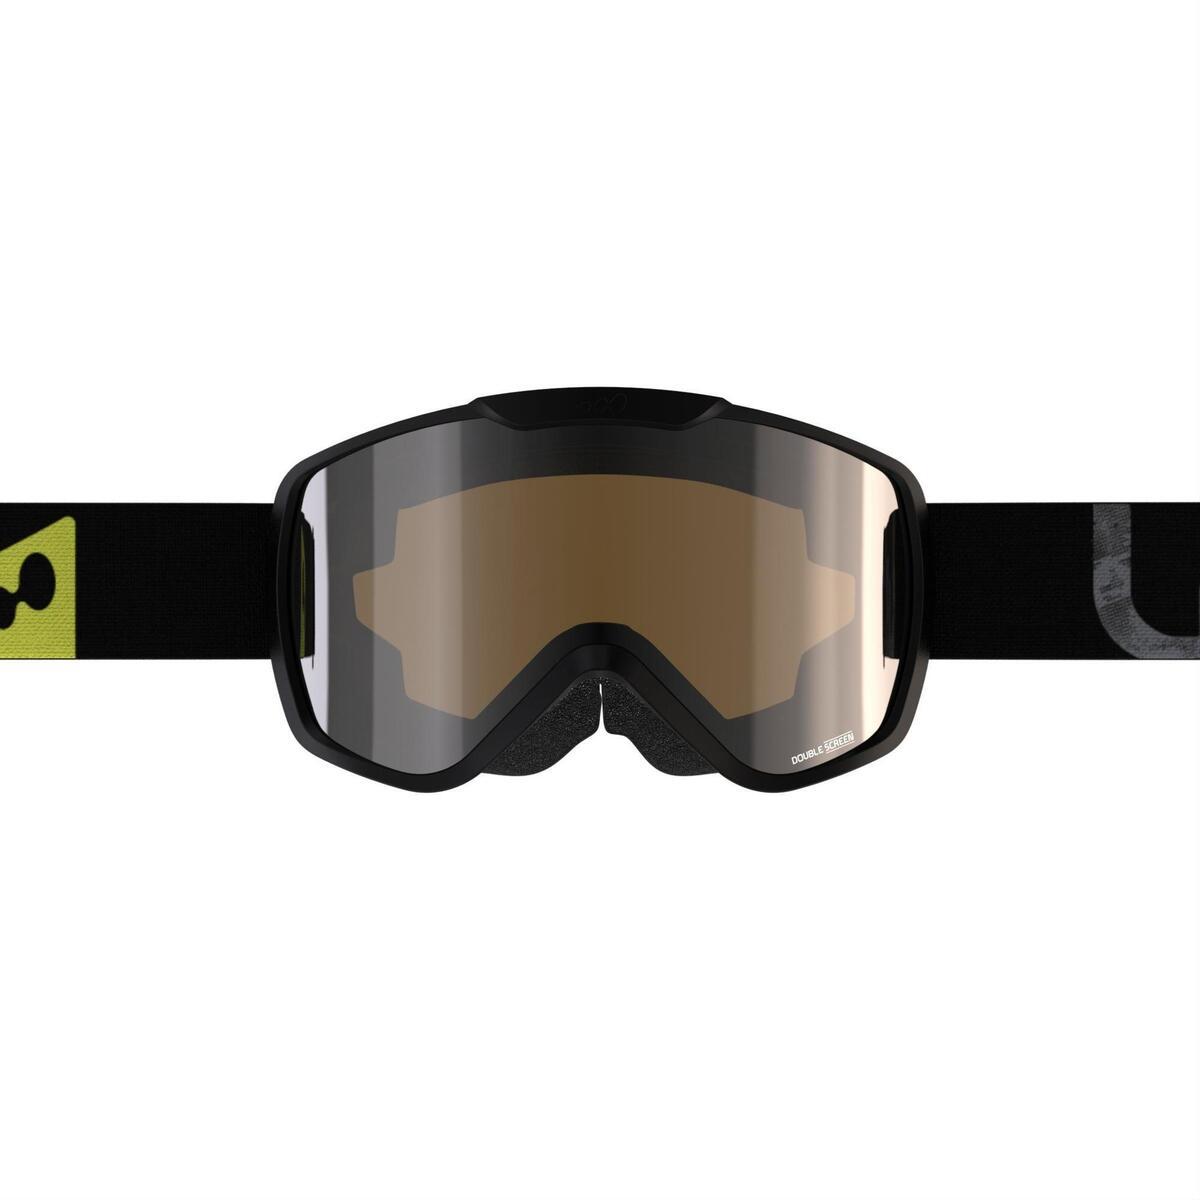 Bild 4 von Ski / Snowboardbrille G 500 S3 Erwachsene/Kinder Schönwetter schwarz